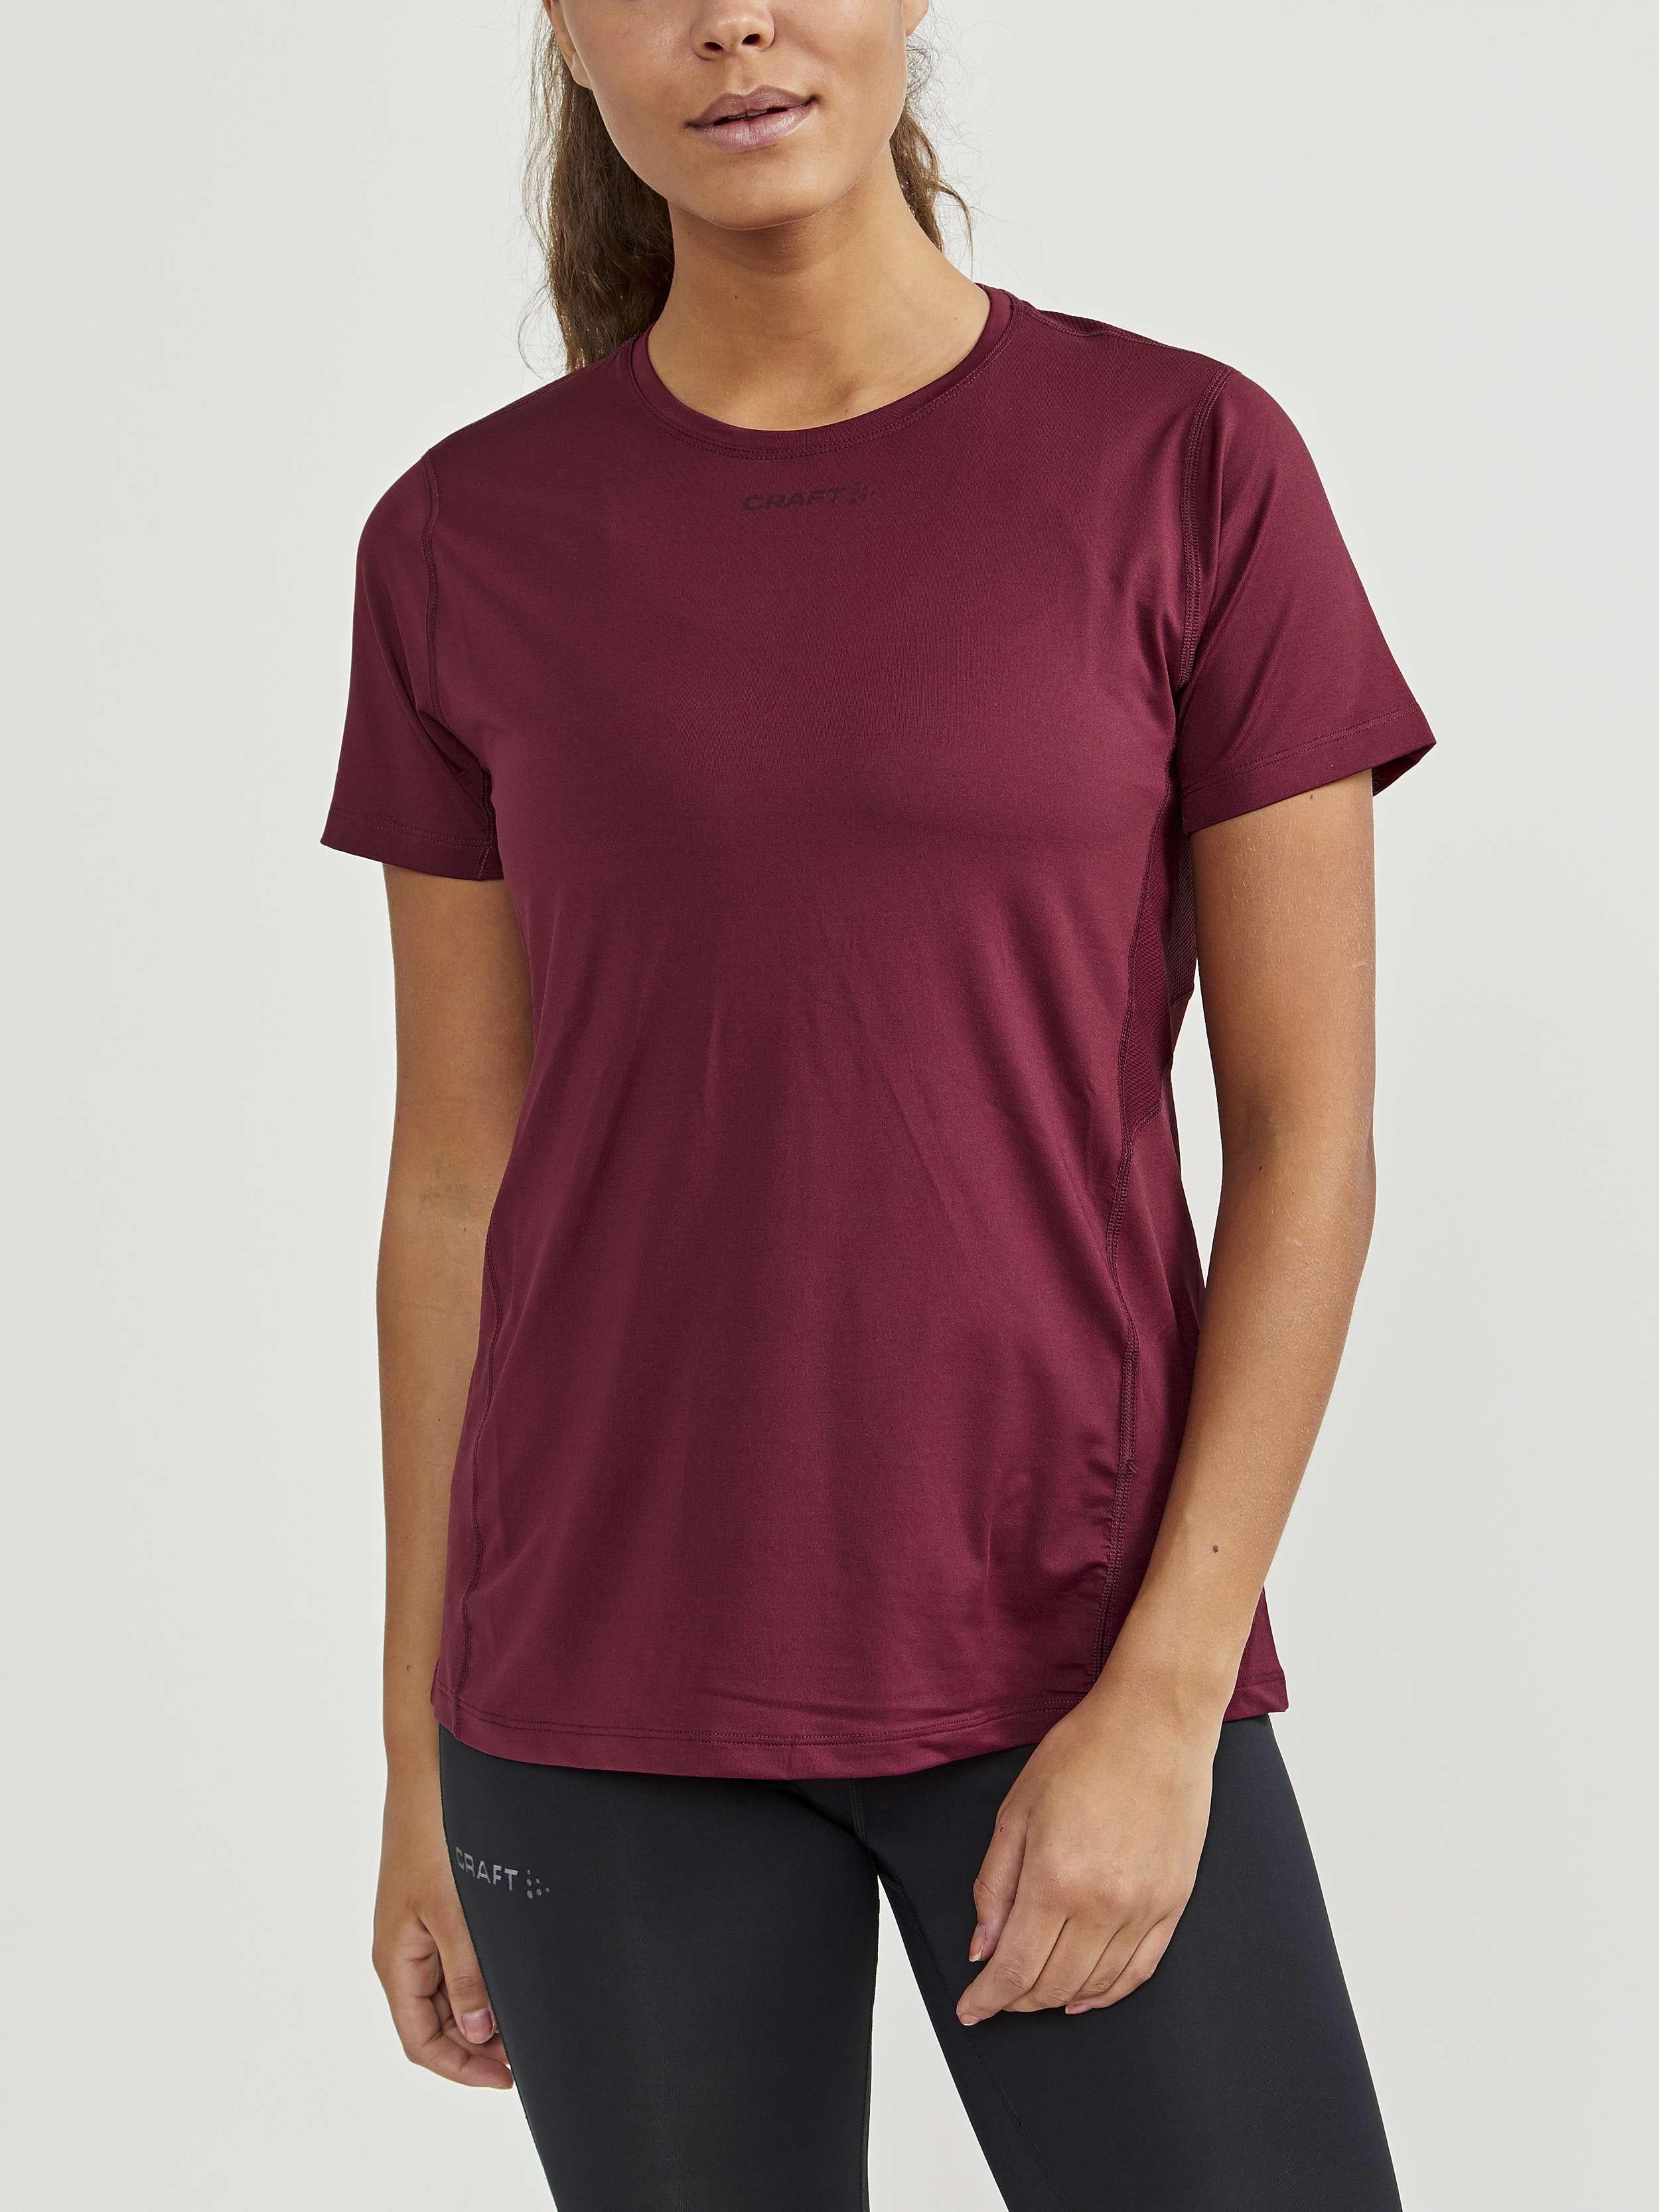 Salt and light by Running Redeemed women\u2019s graphic Bella Canvas unisex t-shirt